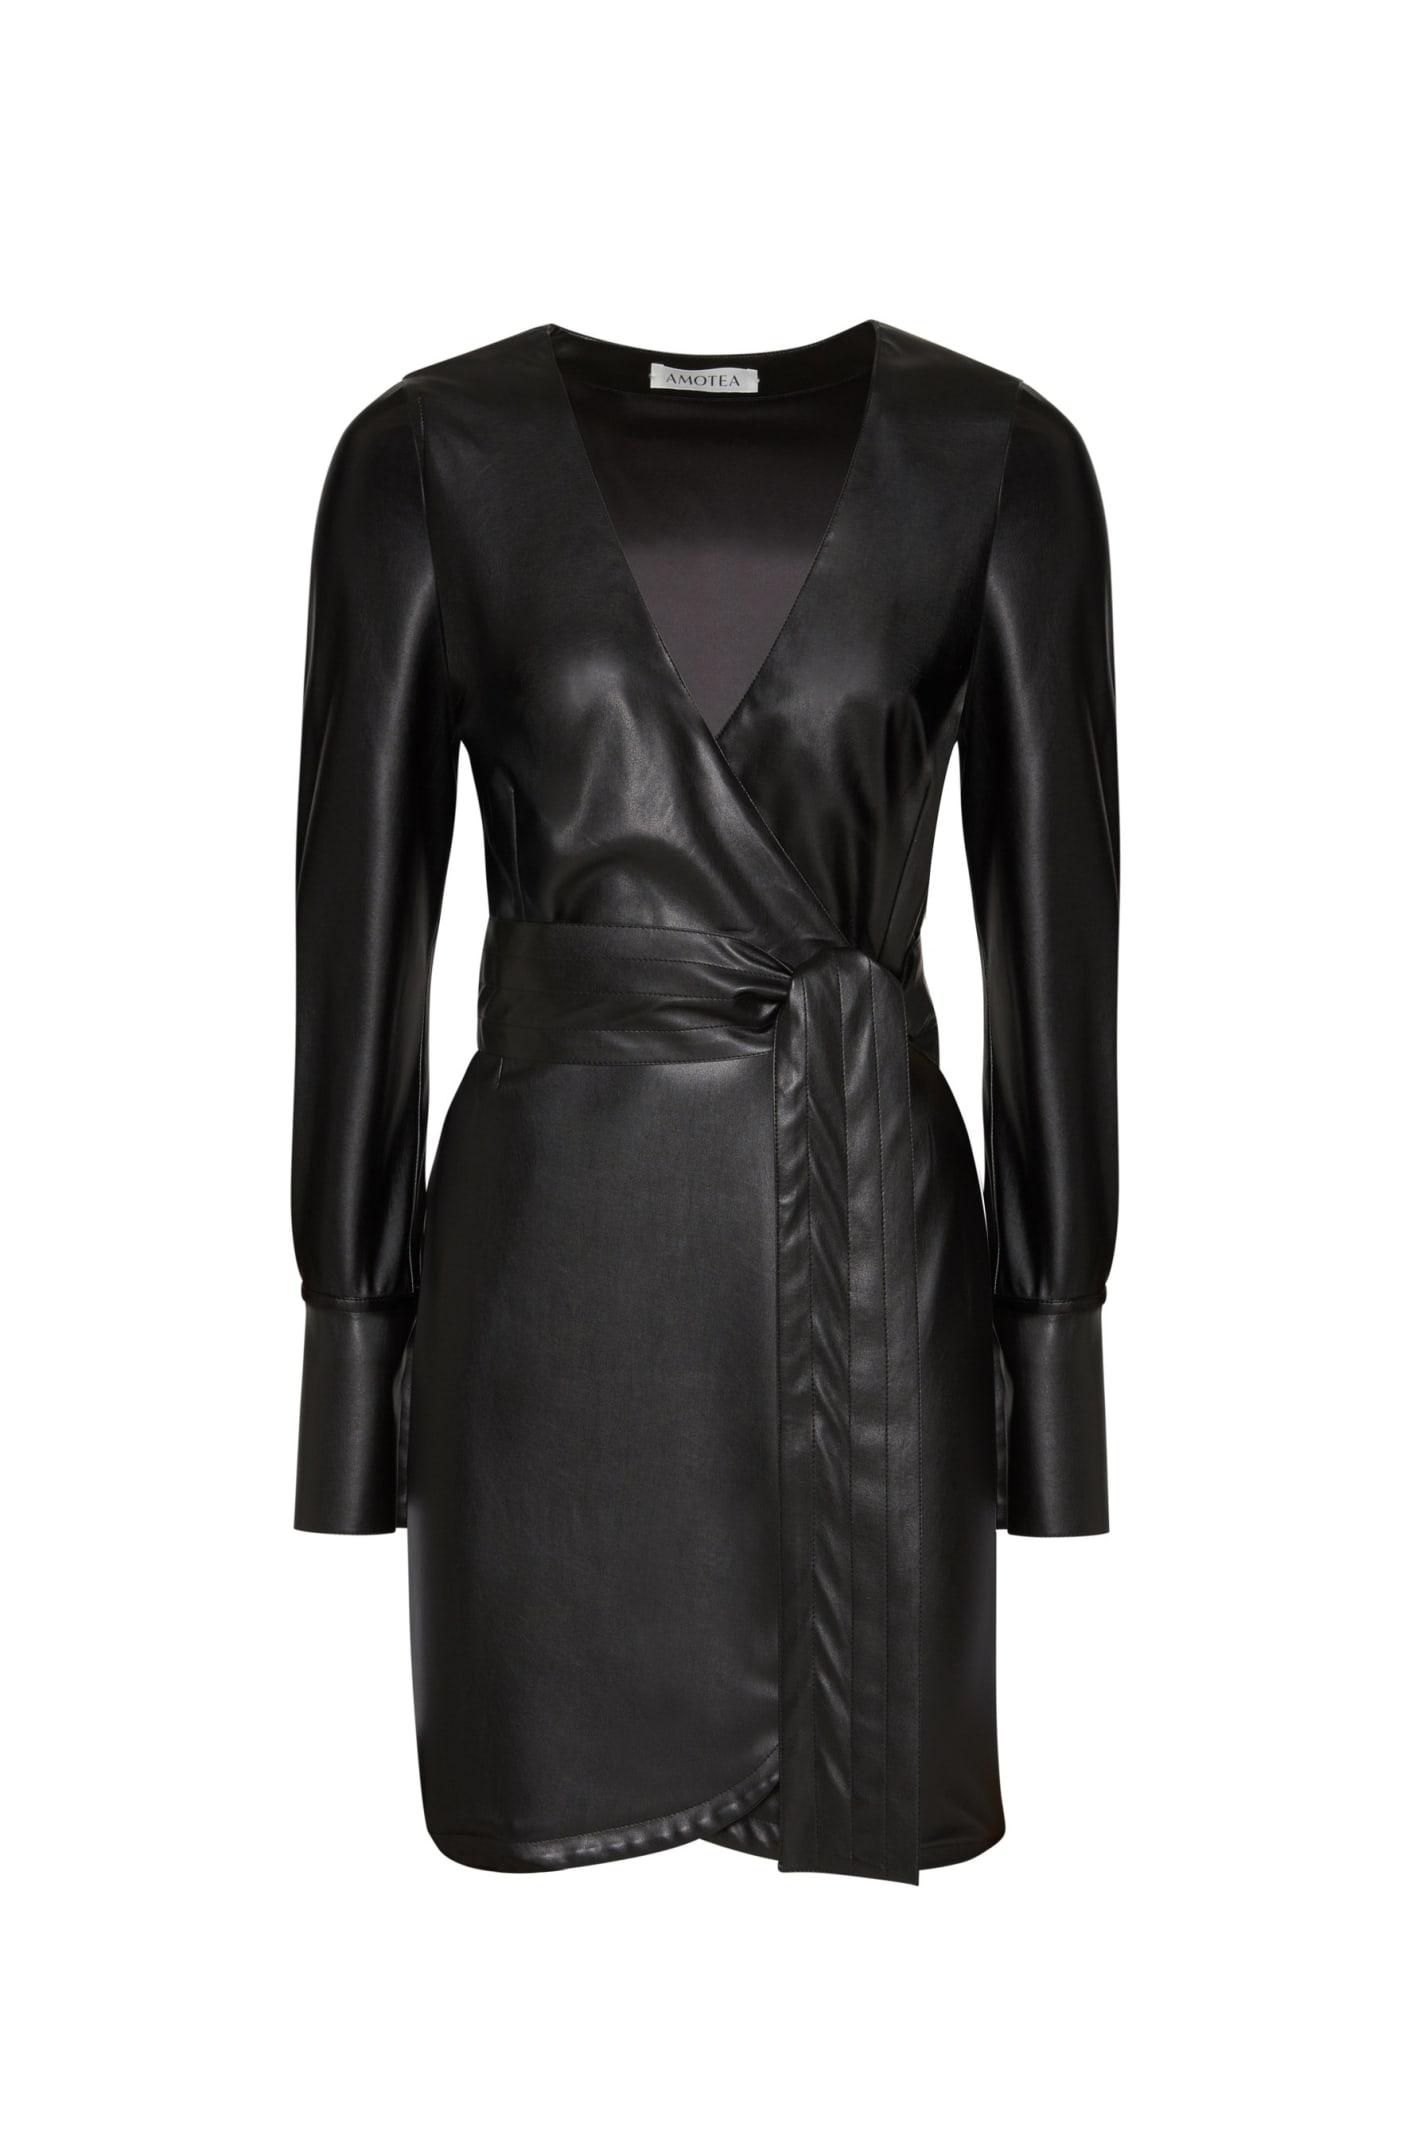 Clotilde Mini Dress In Grey Velvet